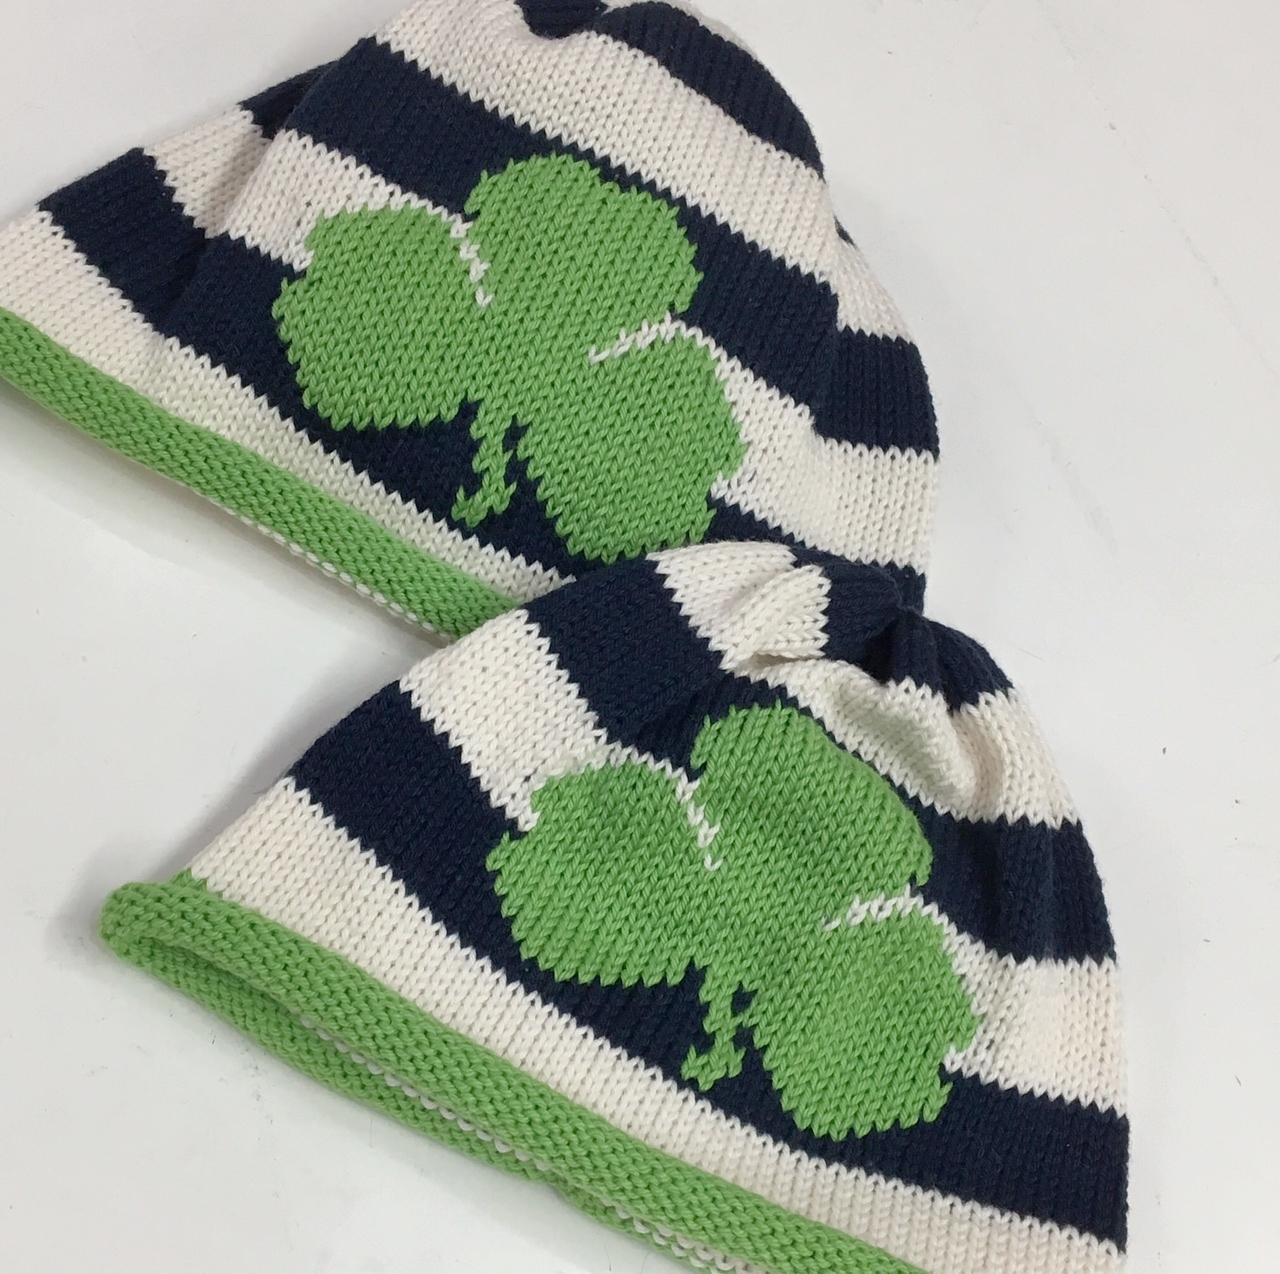 clover hats.jpg